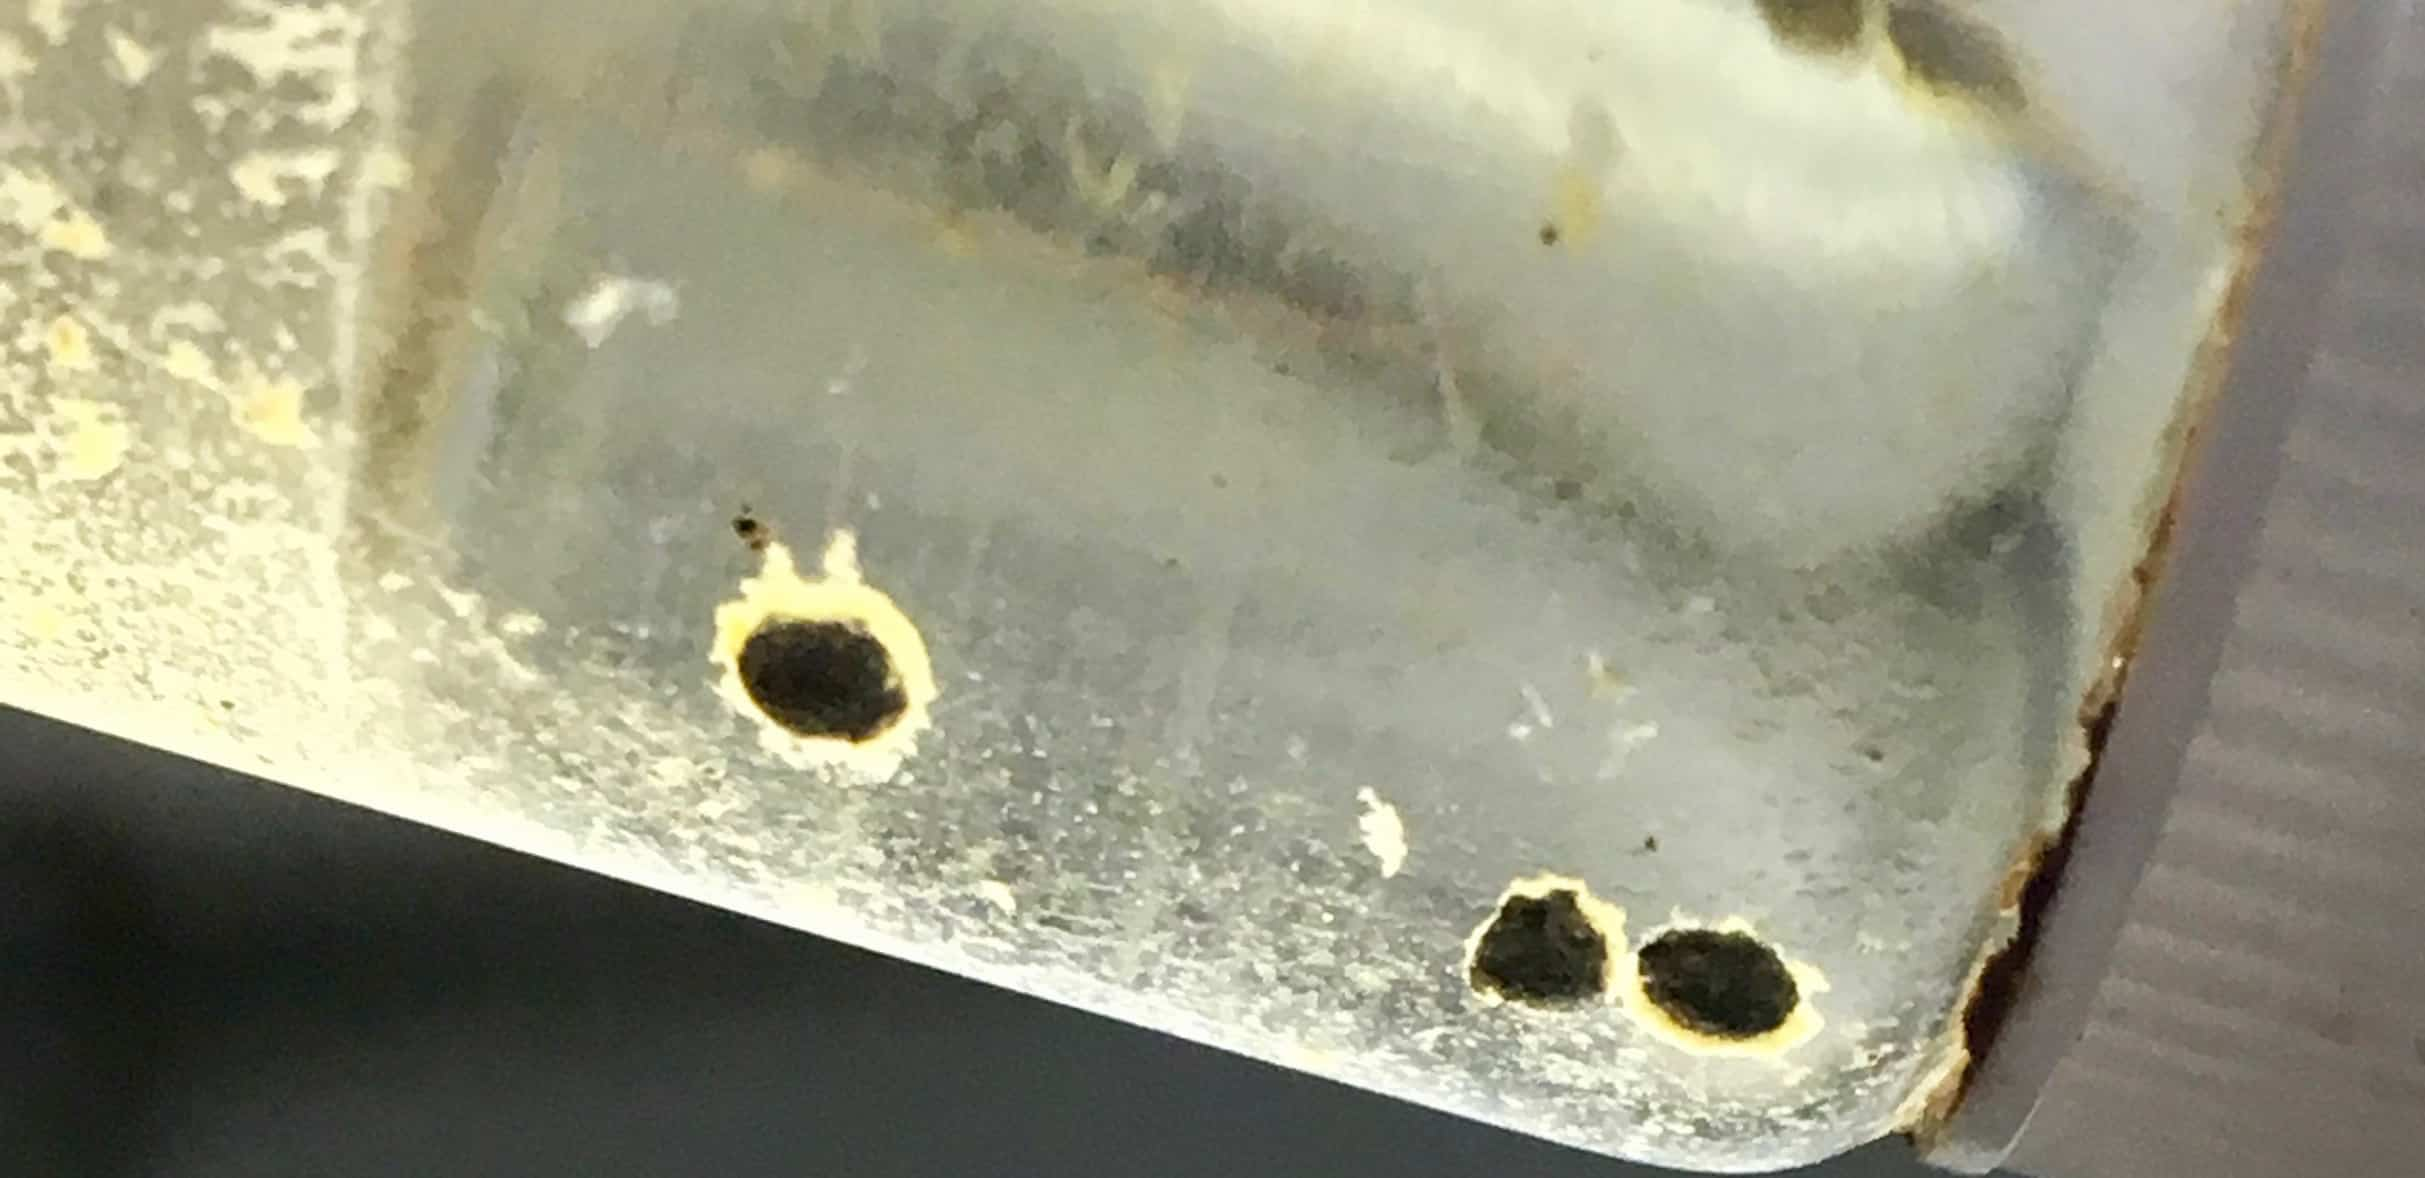 Investigación de colegiales podría servir para proteger corales